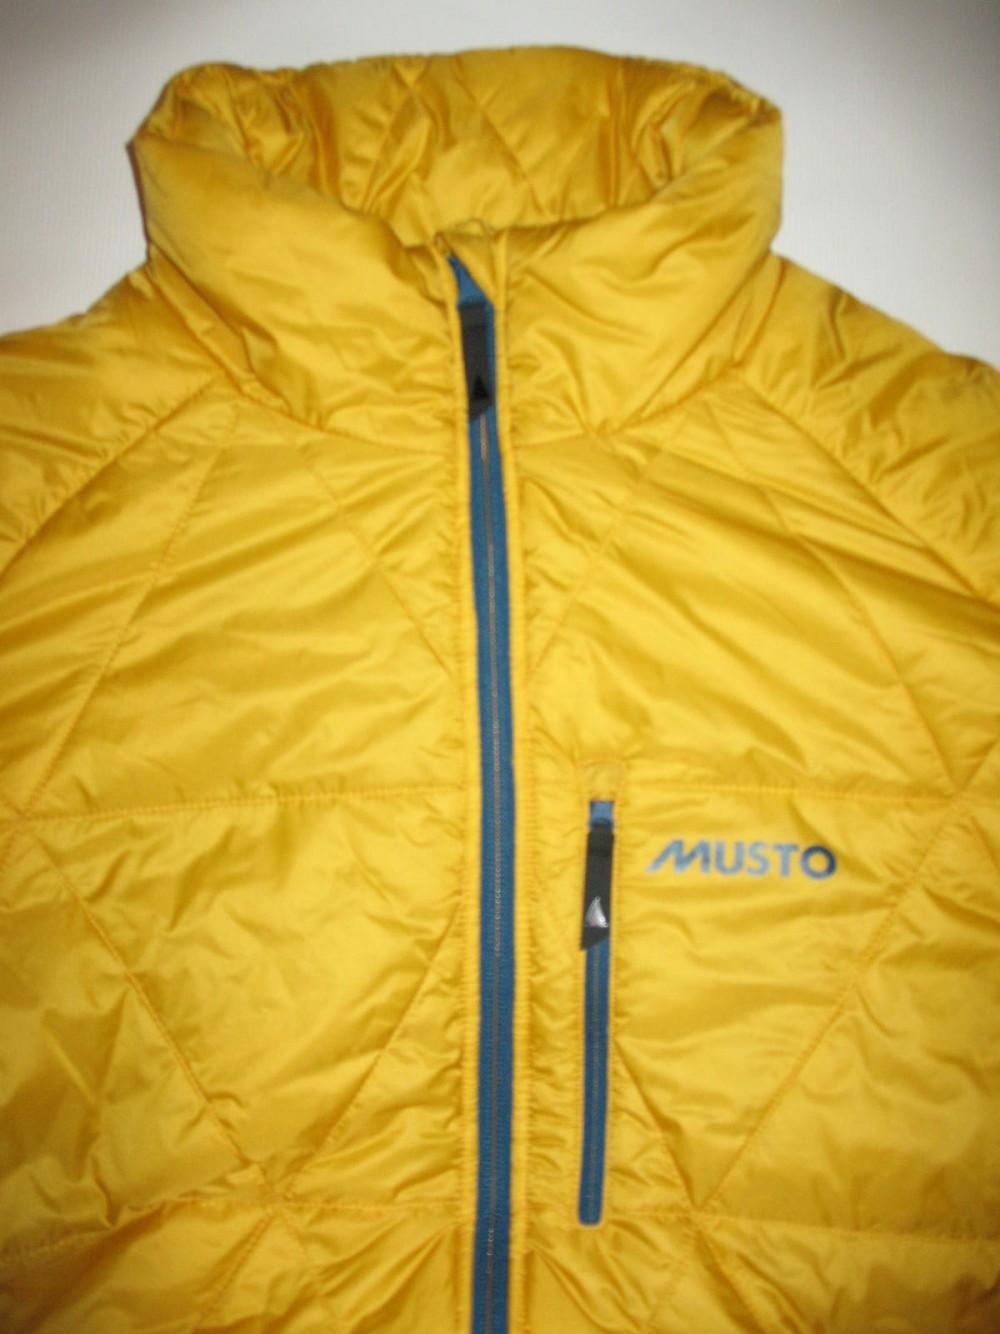 Куртка MUSTO еvolution primaloft jacket (размер XL) - 6